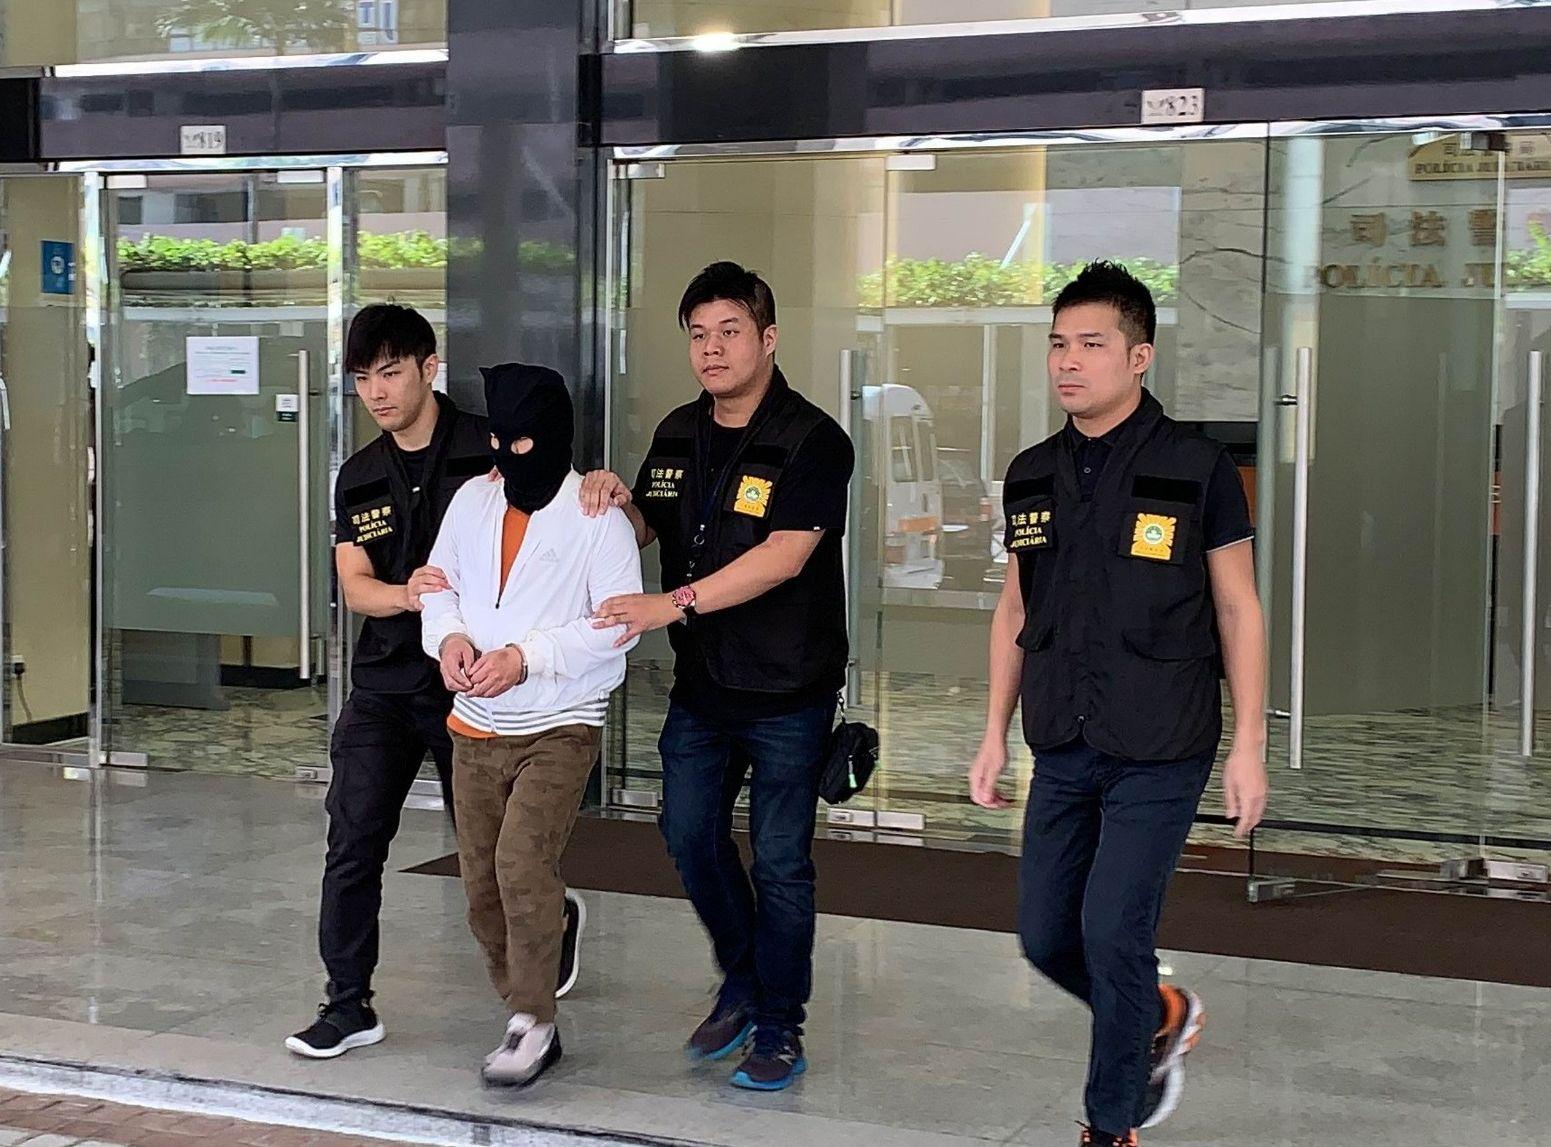 56岁港男收9500元报酬 涉助诈骗集团澳门洗黑钱被捕